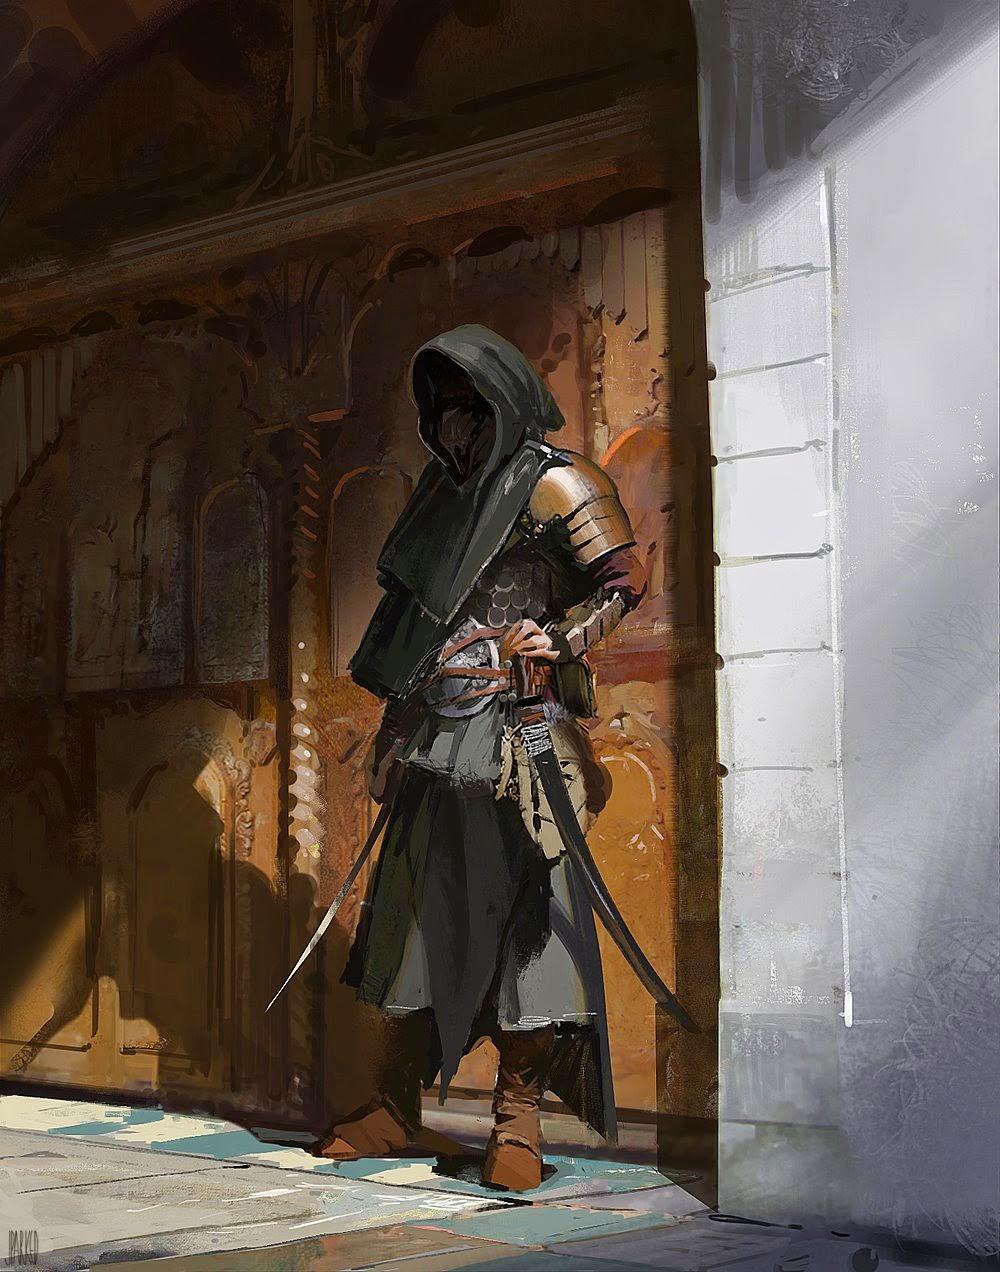 Assassins and Warrior Concept Art by John J. Park ...  Assassins and W...